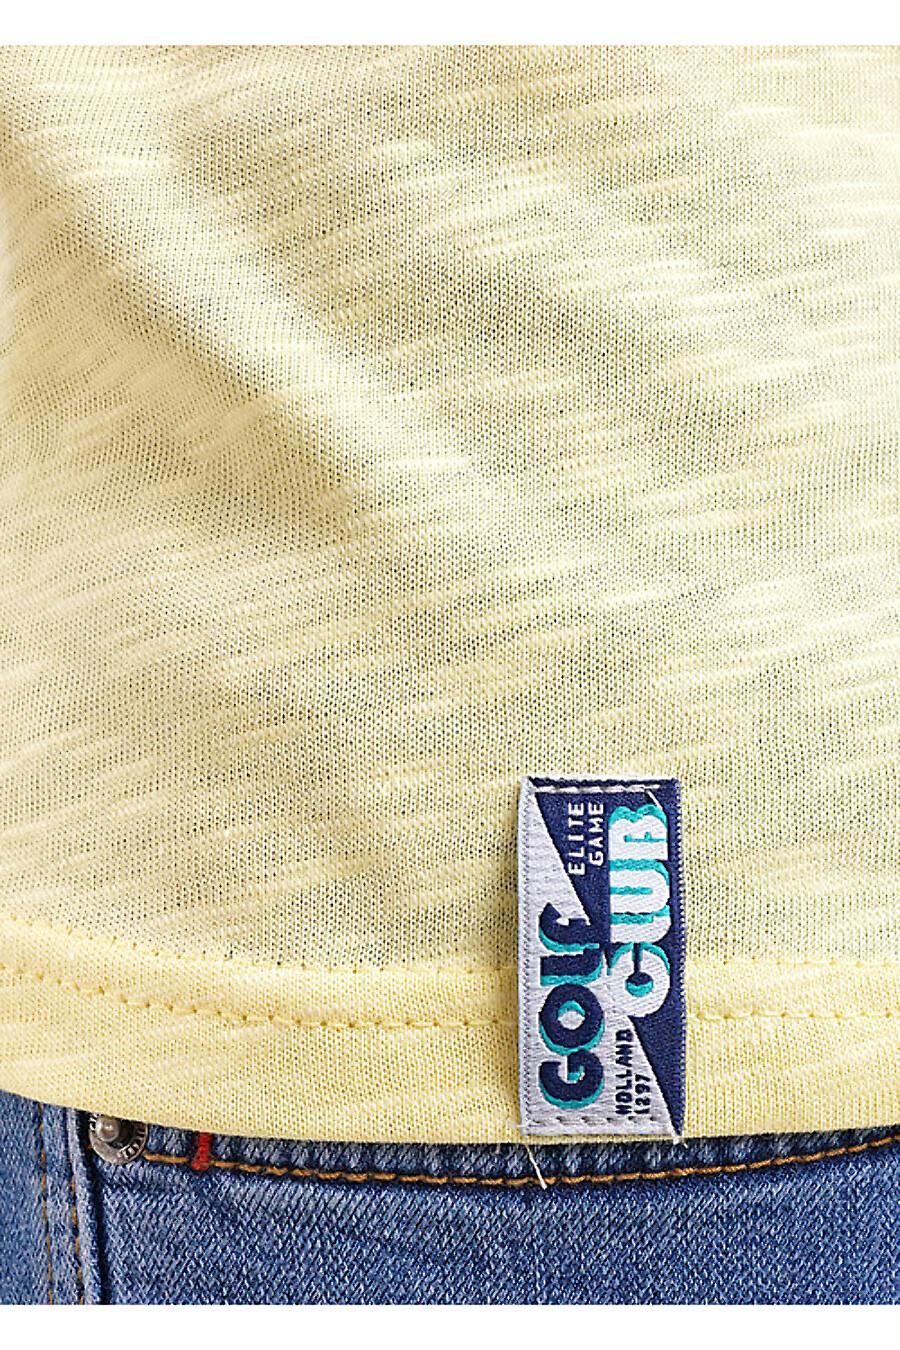 Футболка для мужчин CLEVER 169381 купить оптом от производителя. Совместная покупка мужской одежды в OptMoyo